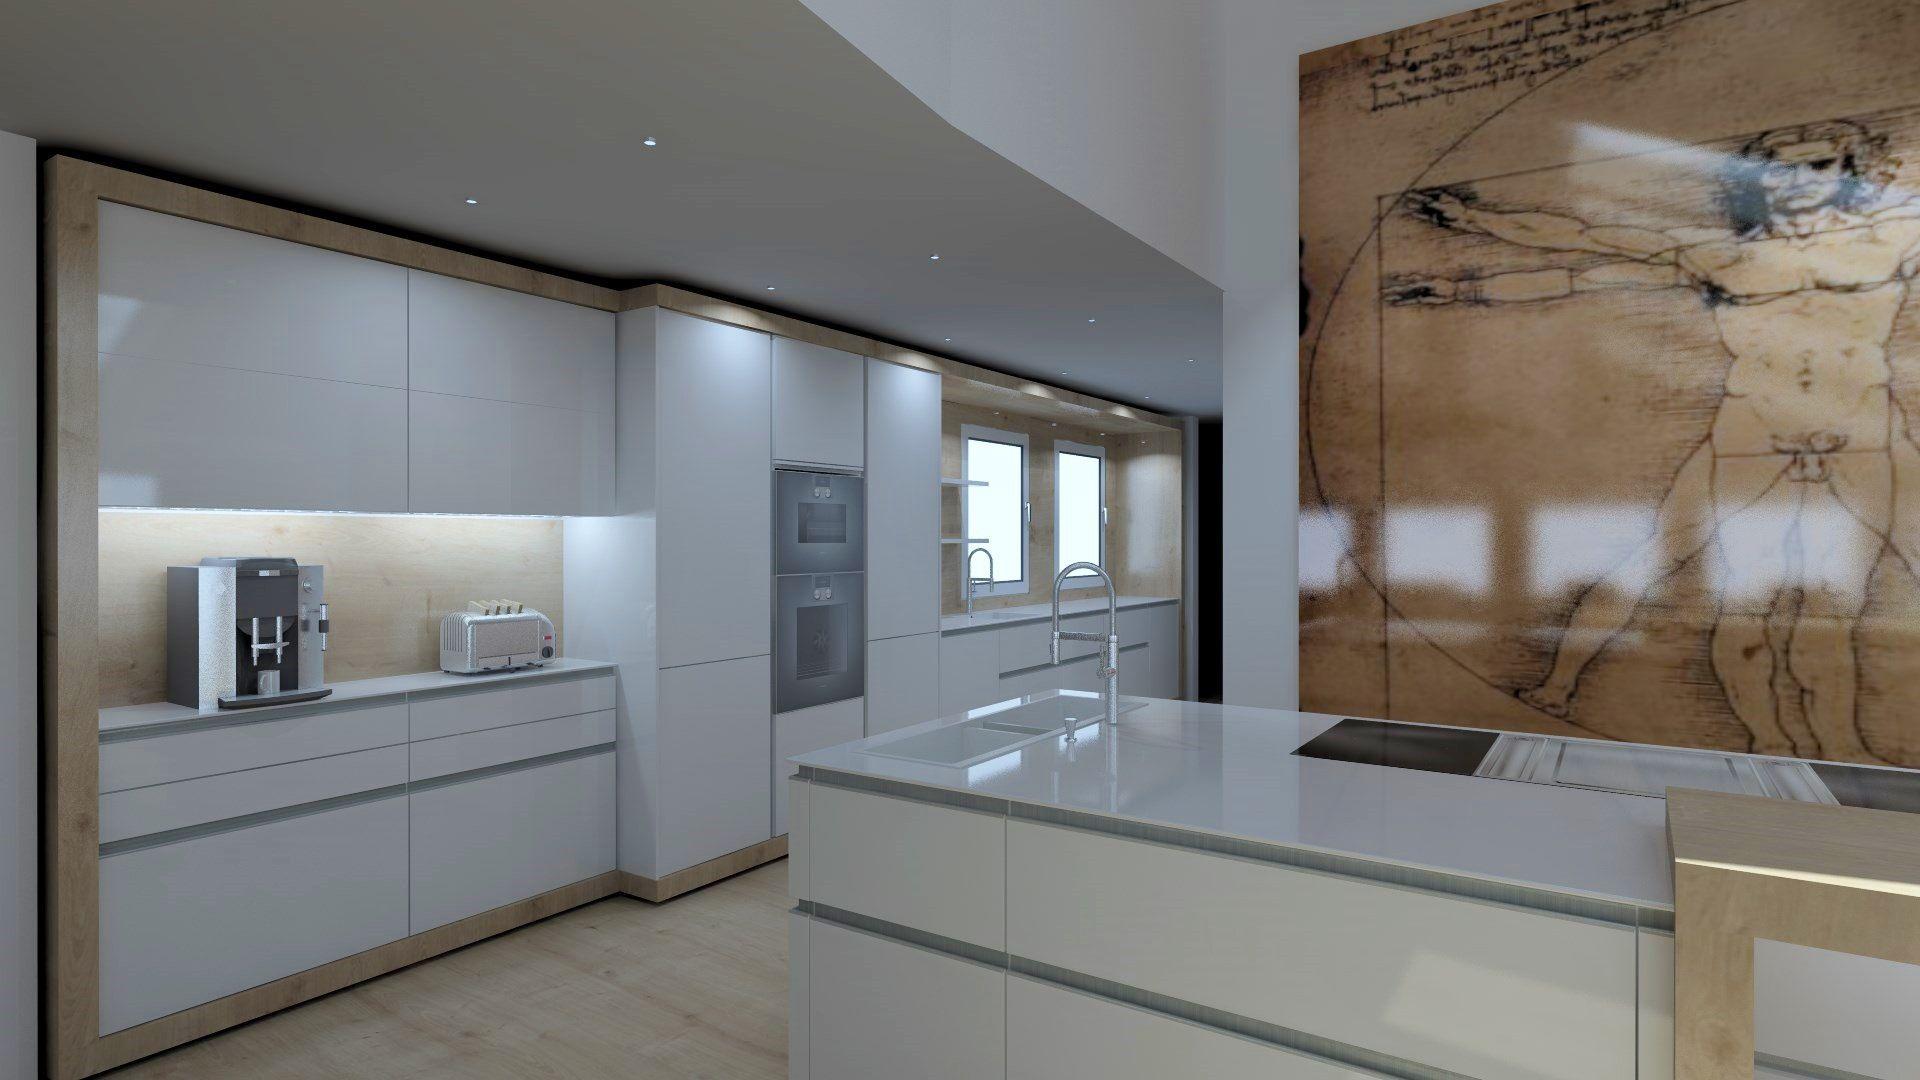 Global Kitchen Design Worldwide Leicht Cocinas De Nopper Kuche Wohnraum Raum